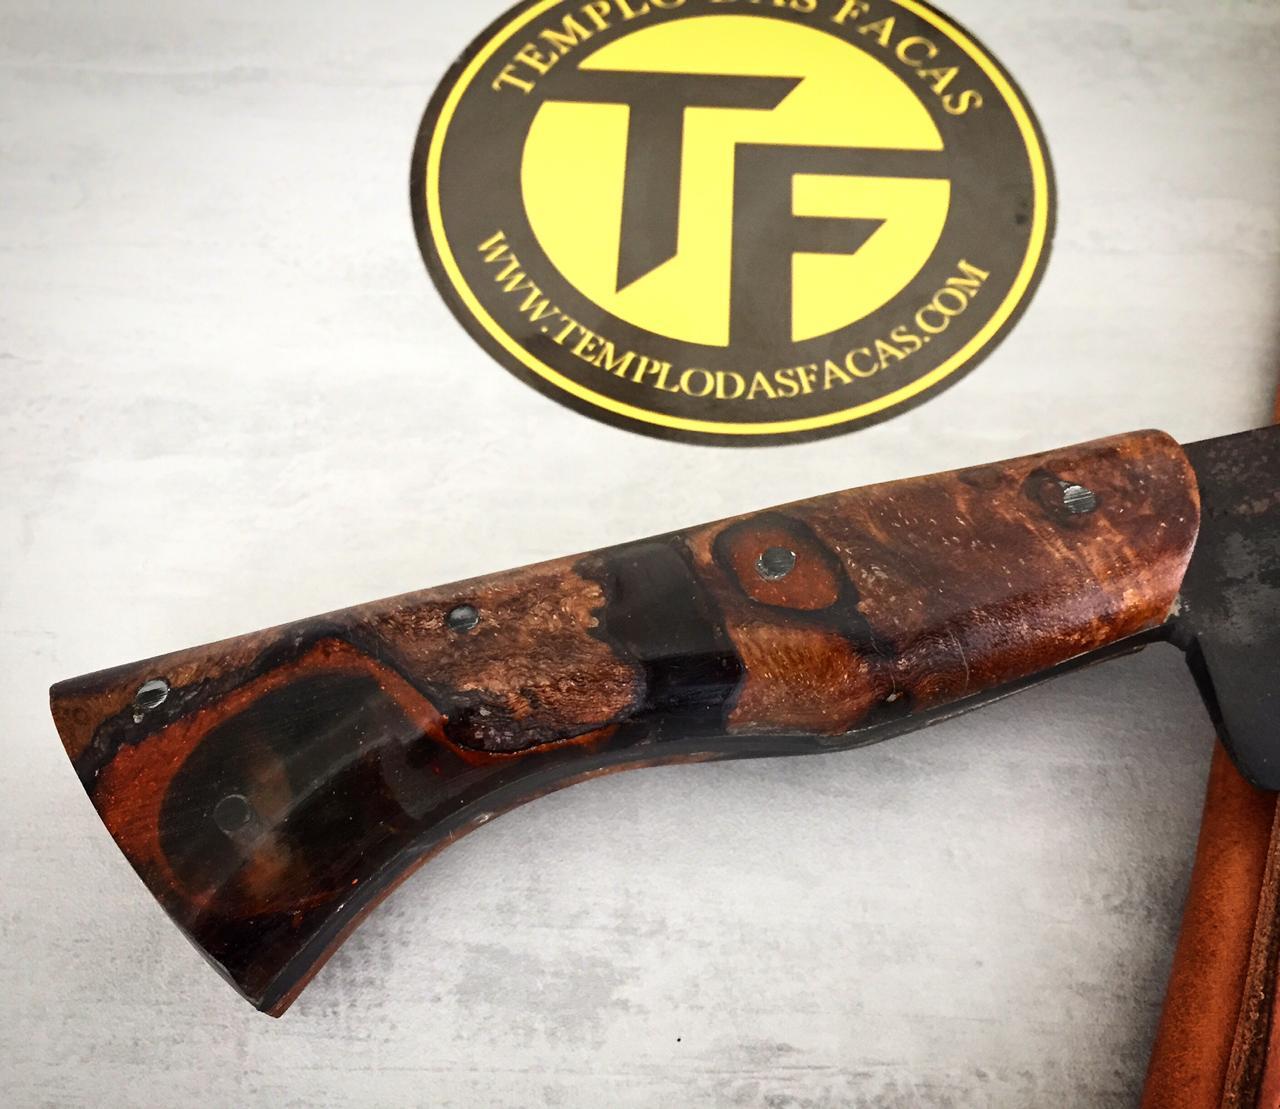 Faca artesanal negra de lida aço carbono 9 polegadas